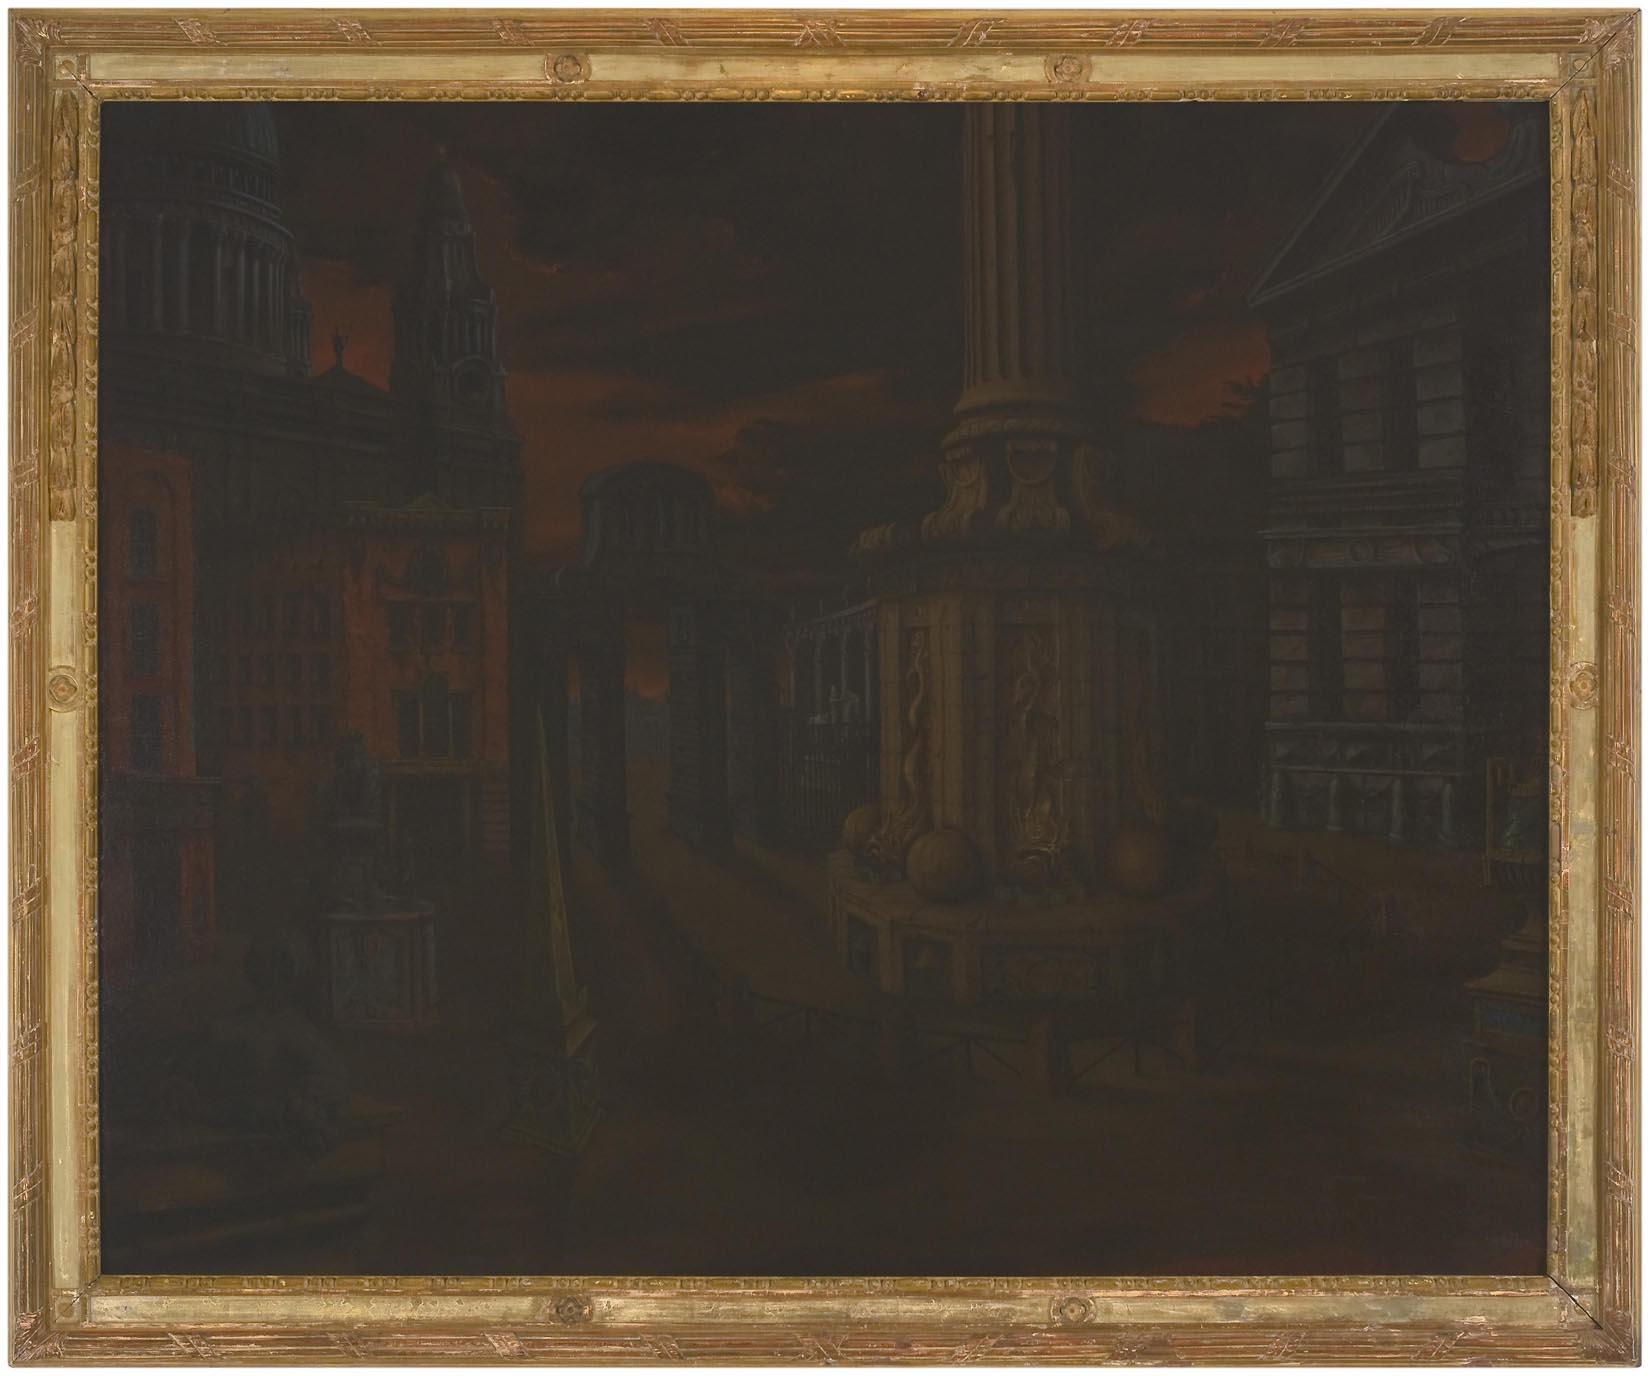 Paternoster Square Cappriccio 2008 oil on linen in artist's frame 154 x 185 cm